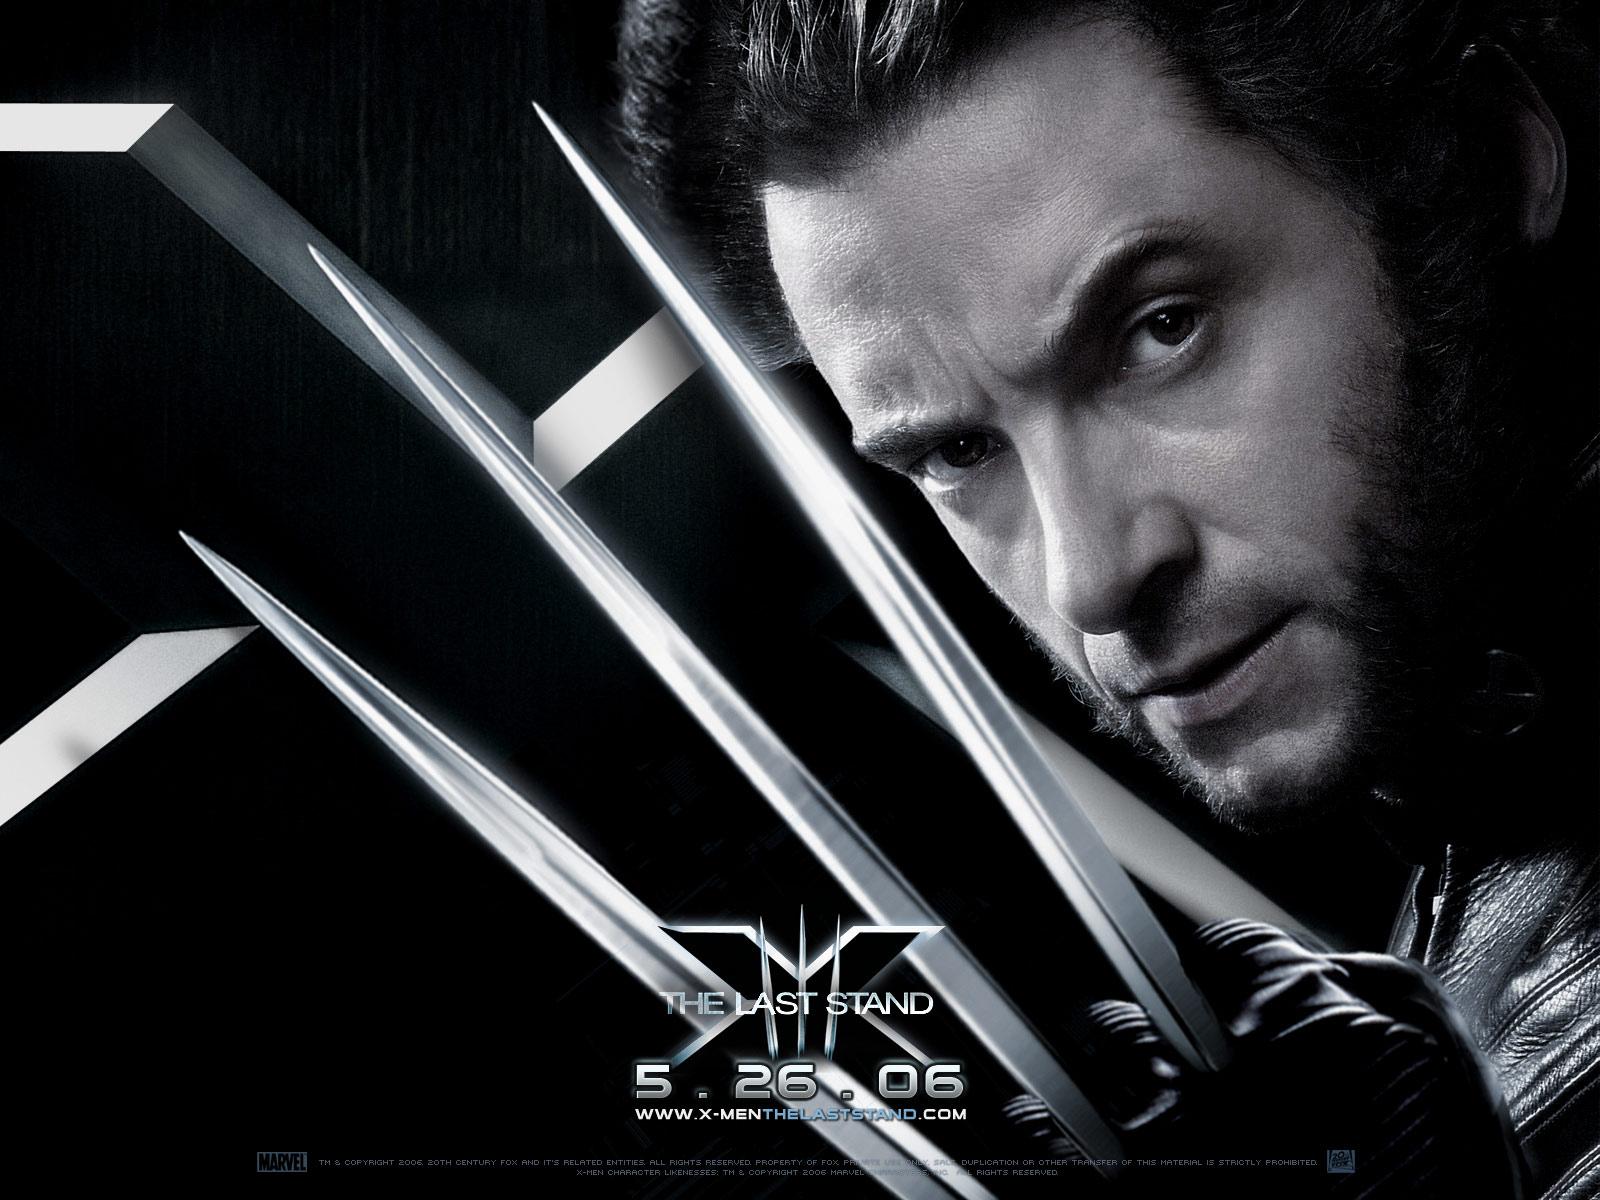 http://4.bp.blogspot.com/_ADWHMxyFvFY/TTamxPT_JYI/AAAAAAAAACg/h08NFptgZC4/s1600/X-Men_3_-_The_Last_Stand%252C_2006%252C_Hugh_Jackman.jpg